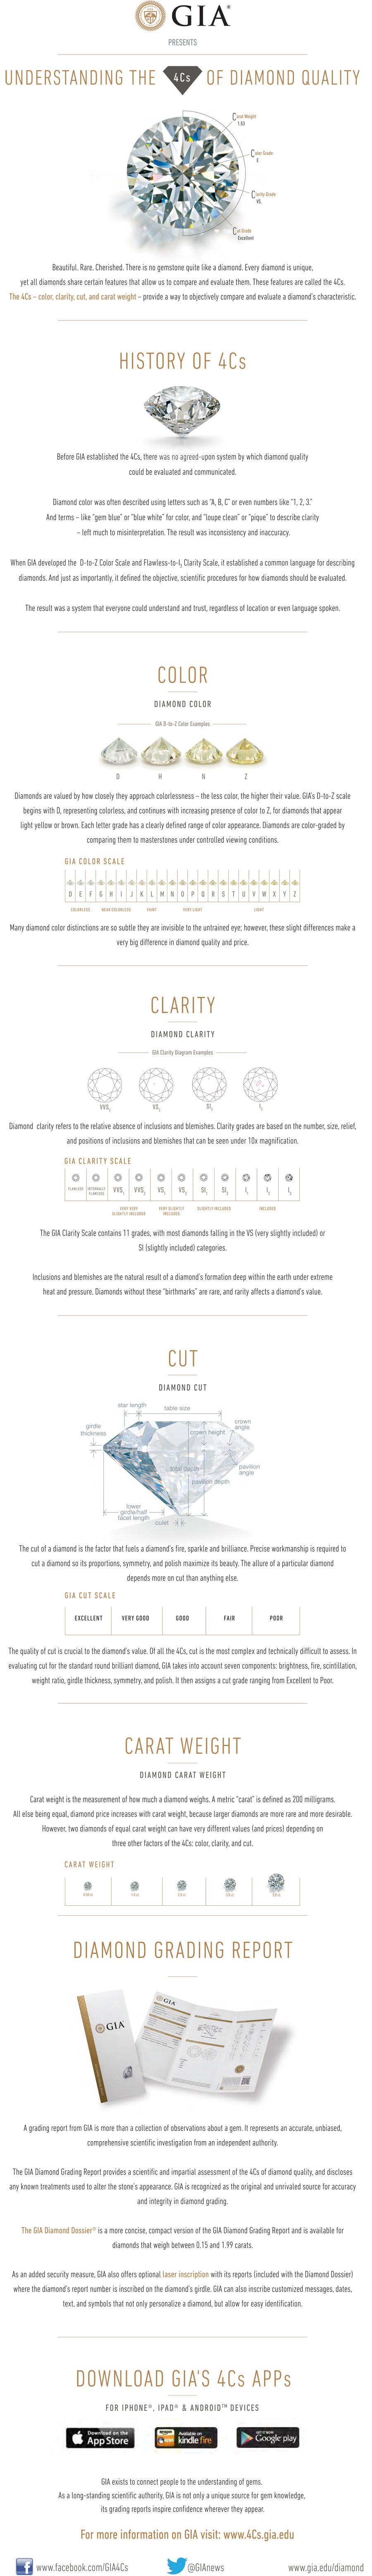 4Cs Diamond Quality Infographic